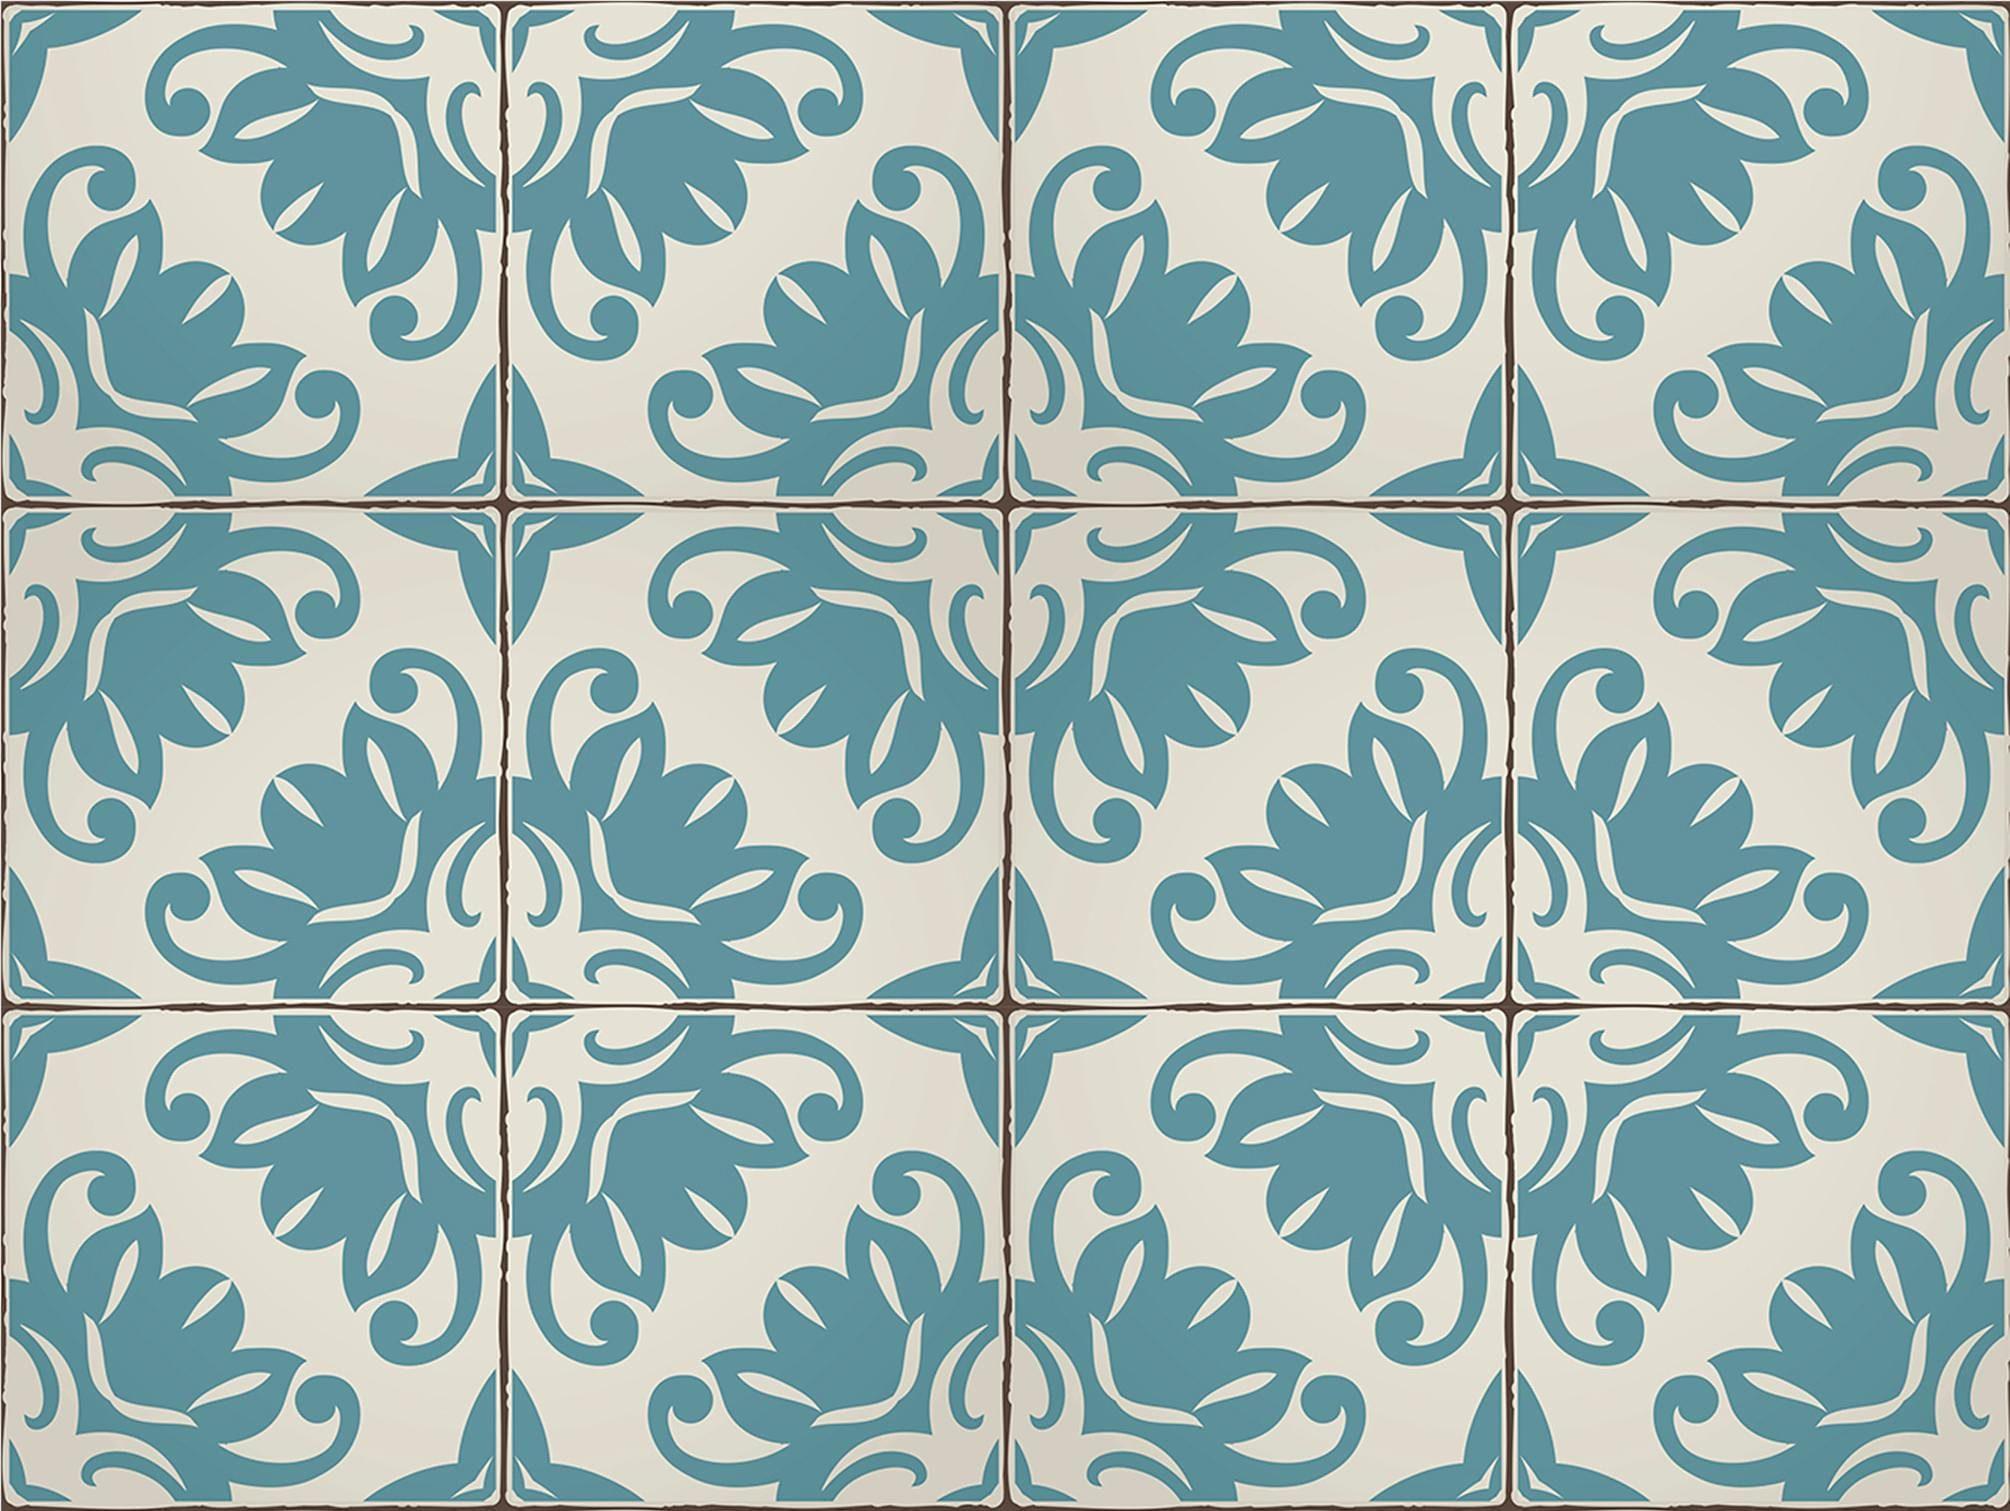 Home affaire Fliesenaufkleber »Ornamente«, 12x 15/15 cm, selbstklebend